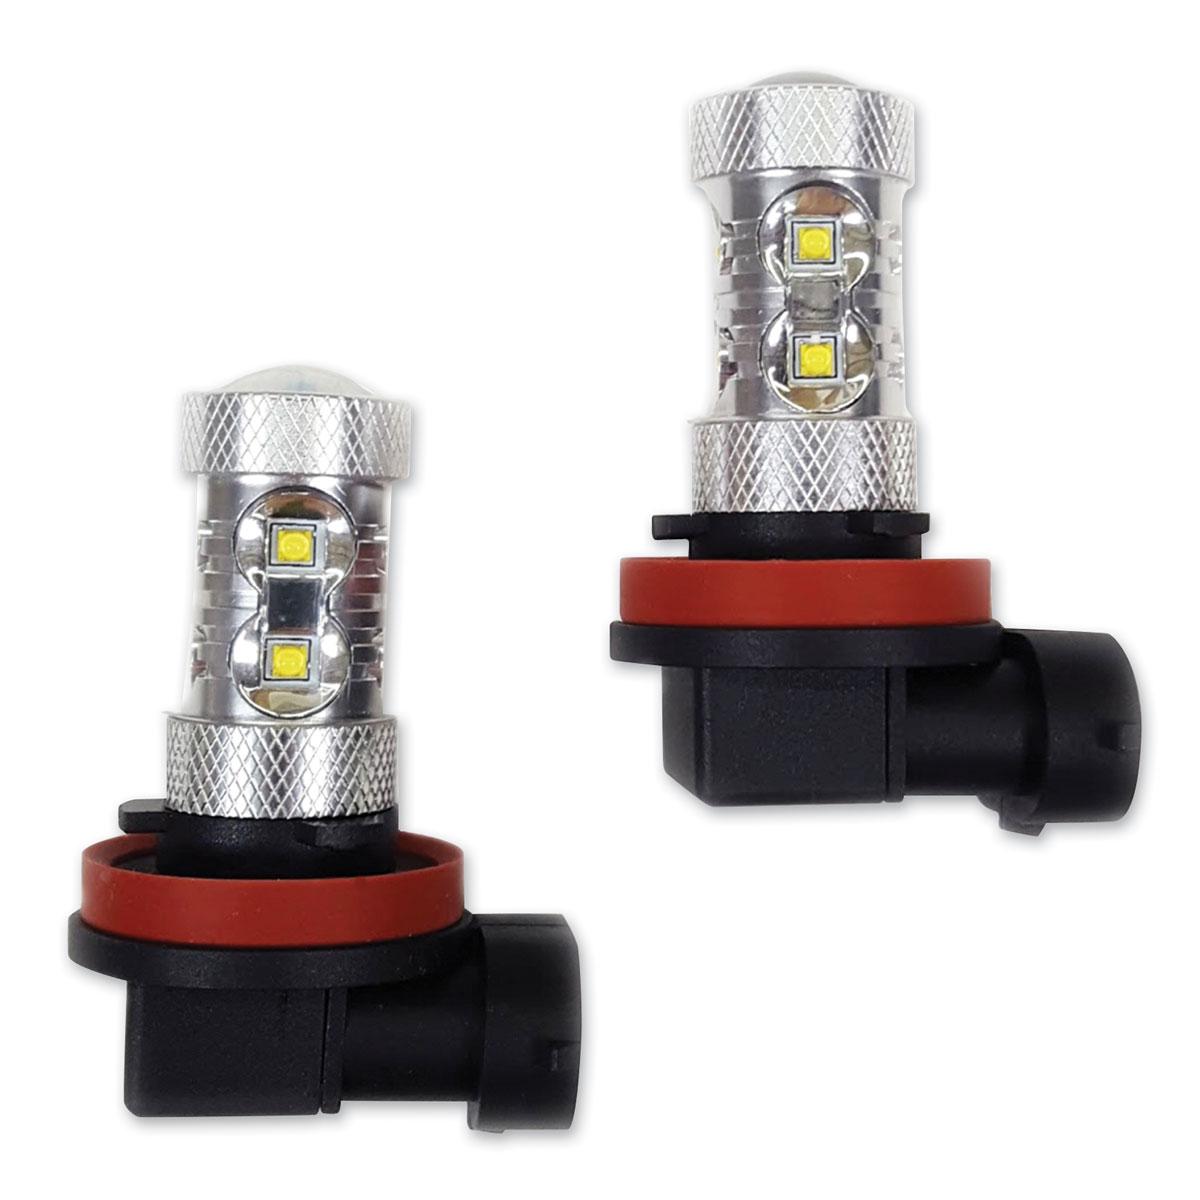 PathfinderLED Rugged LED Passing Light Kit